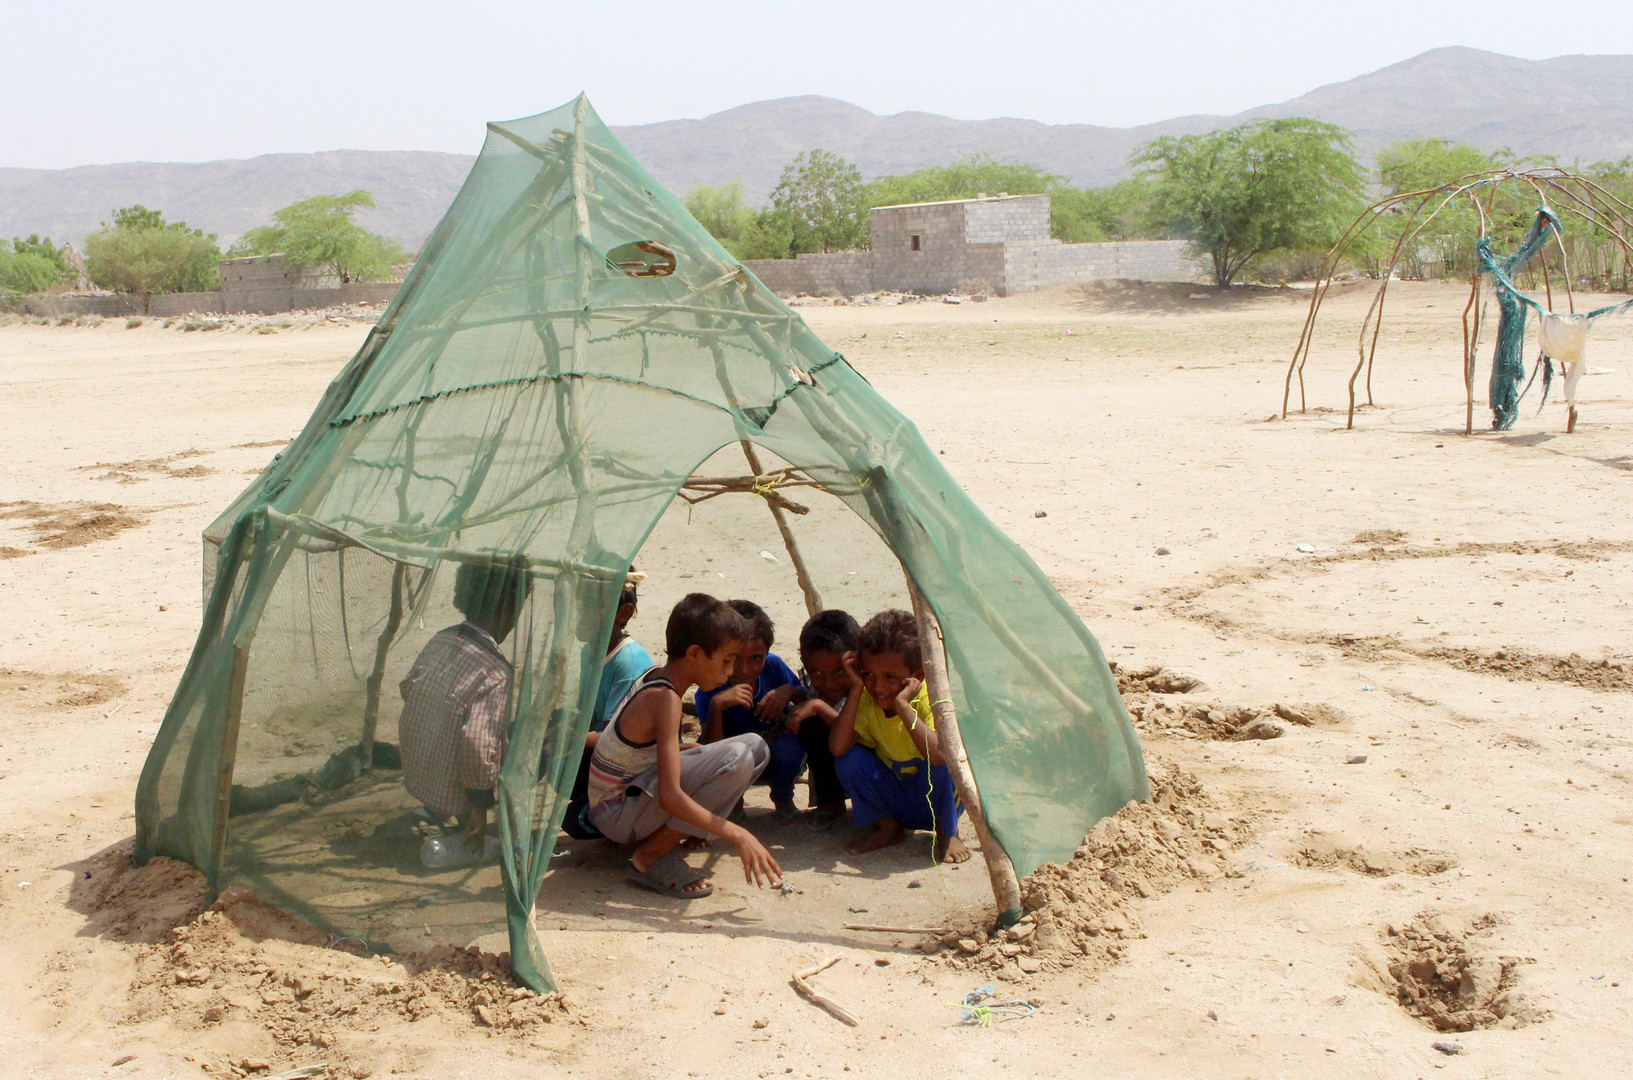 Vertriebene jemenitische Kinder aus Hodeida spielen am 16. September 2018 in einem Unterschlupf in einem provisorischen Lager in einem Dorf im nördlichen Bezirk von Abs in der Provinz Hajjah.